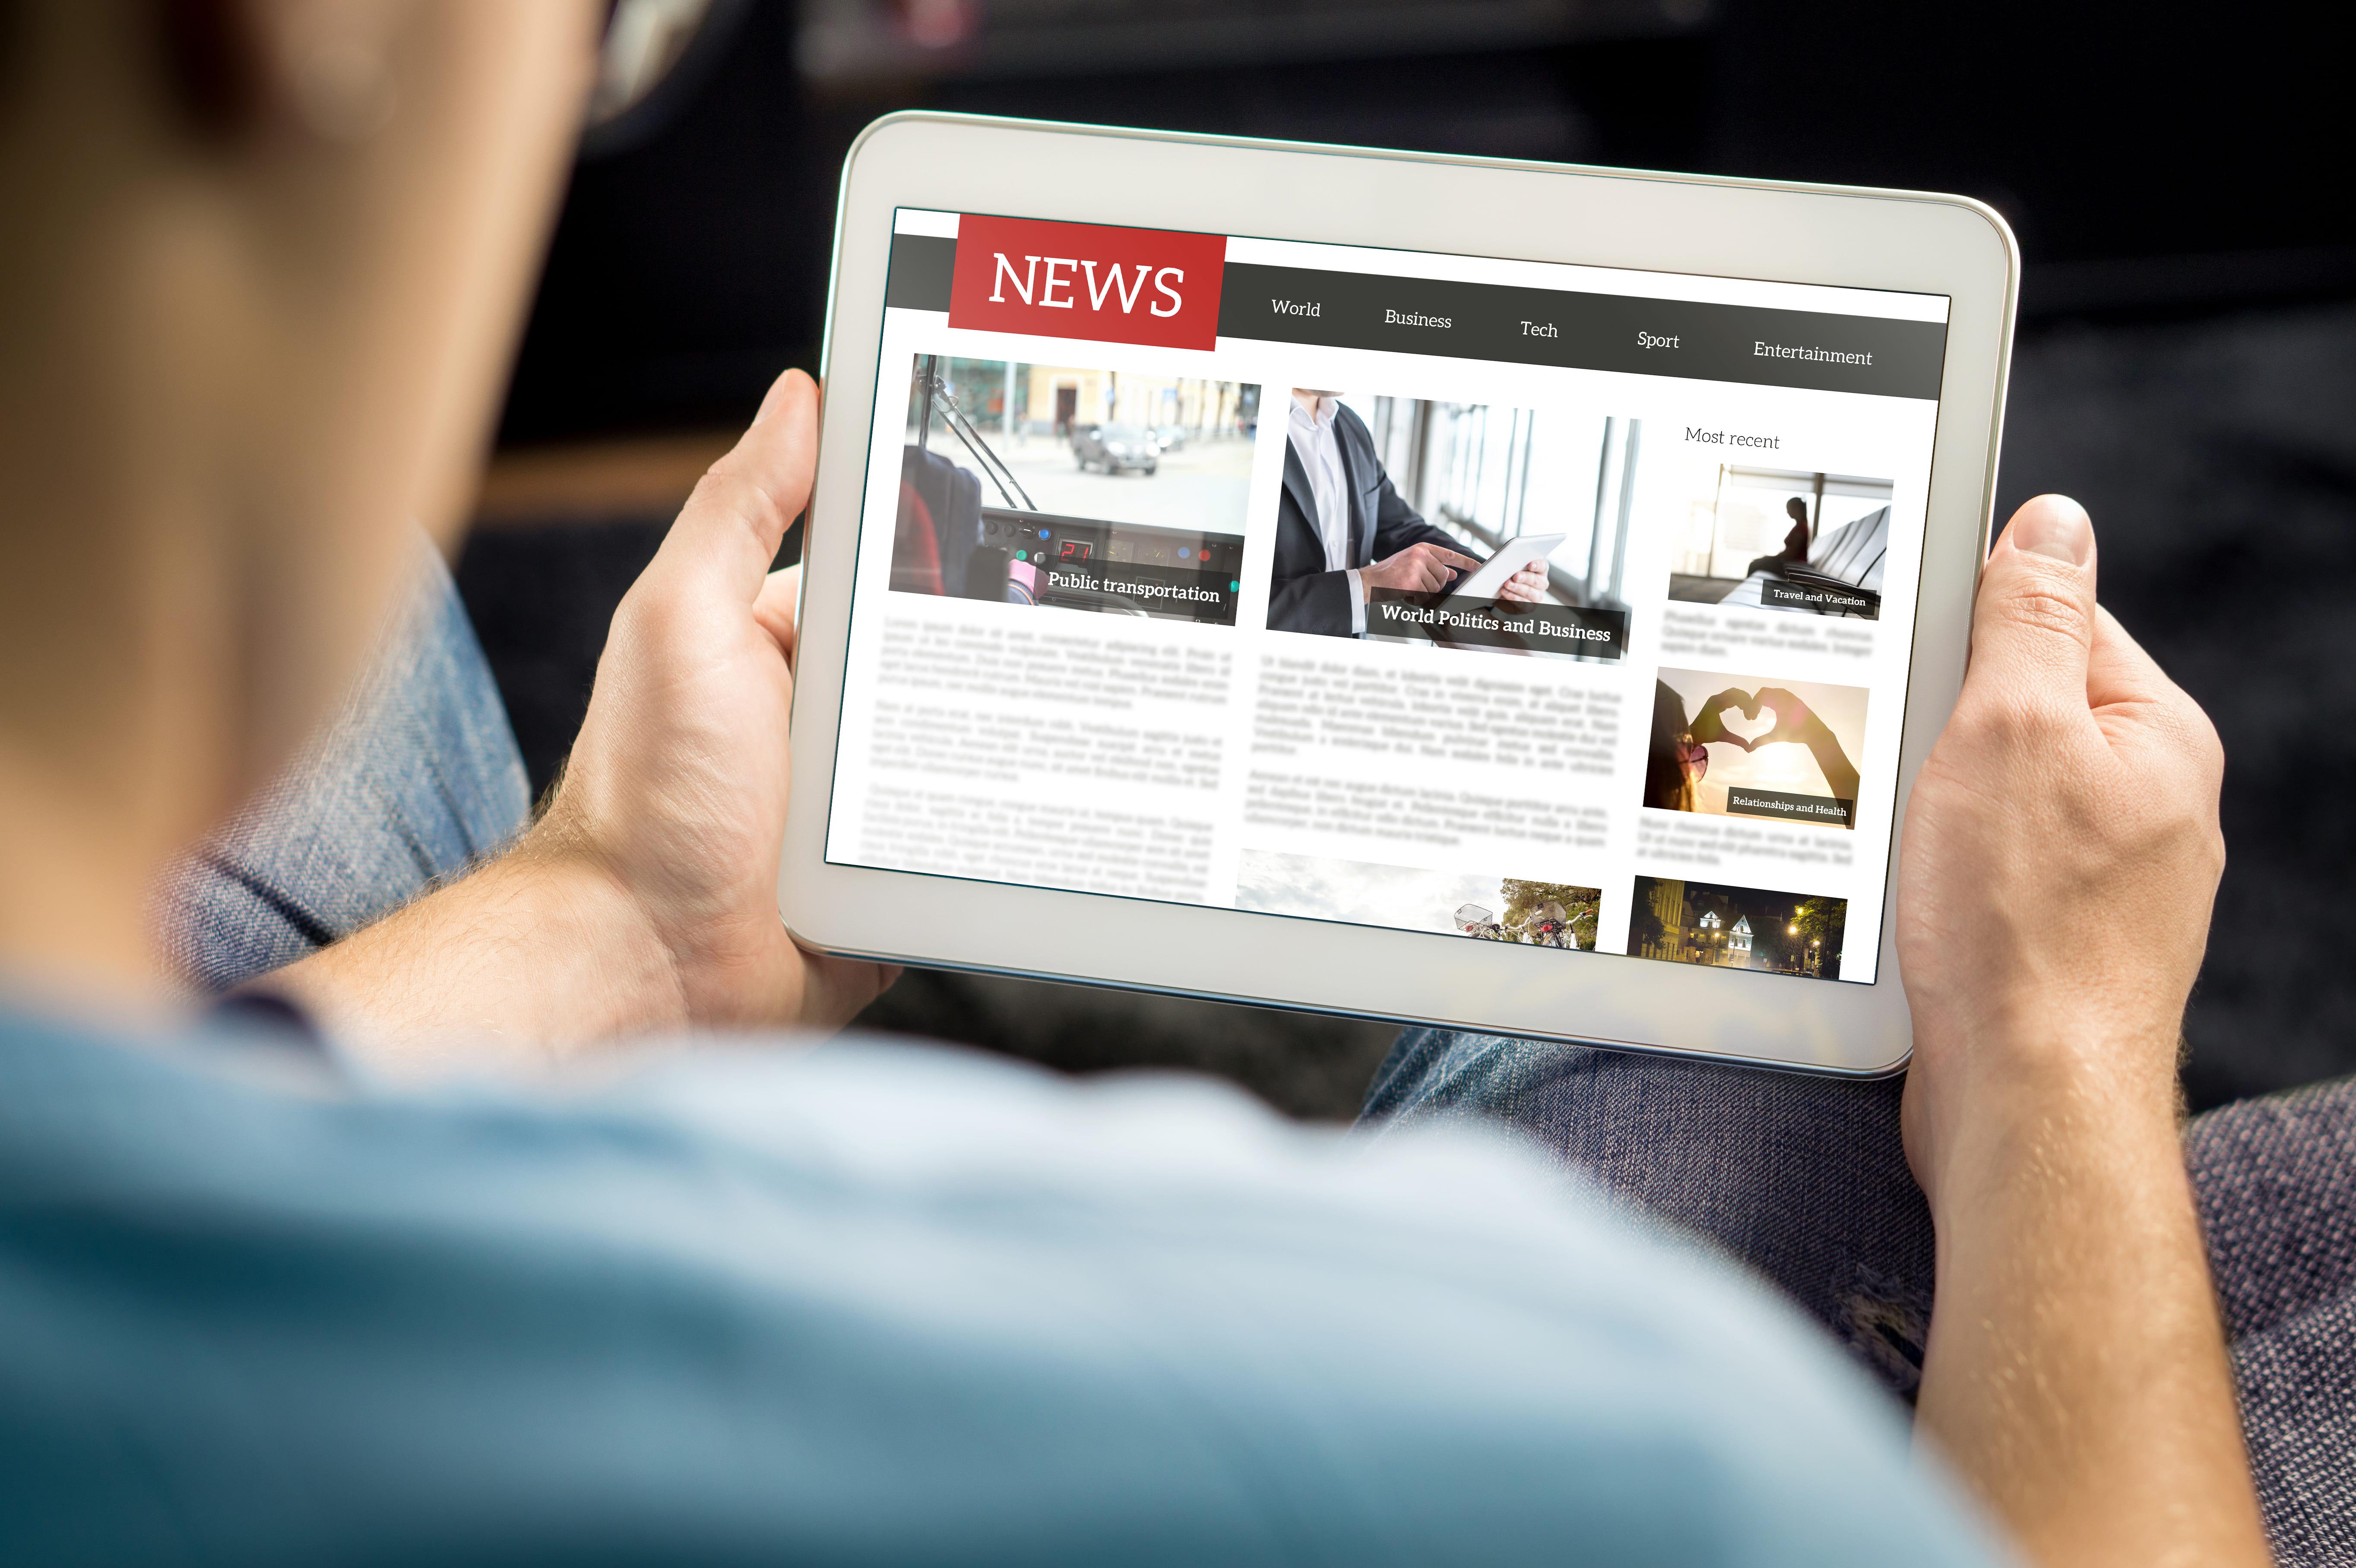 Traducción web: Trucos para incrementar el tráfico de tu página - Juridiomas